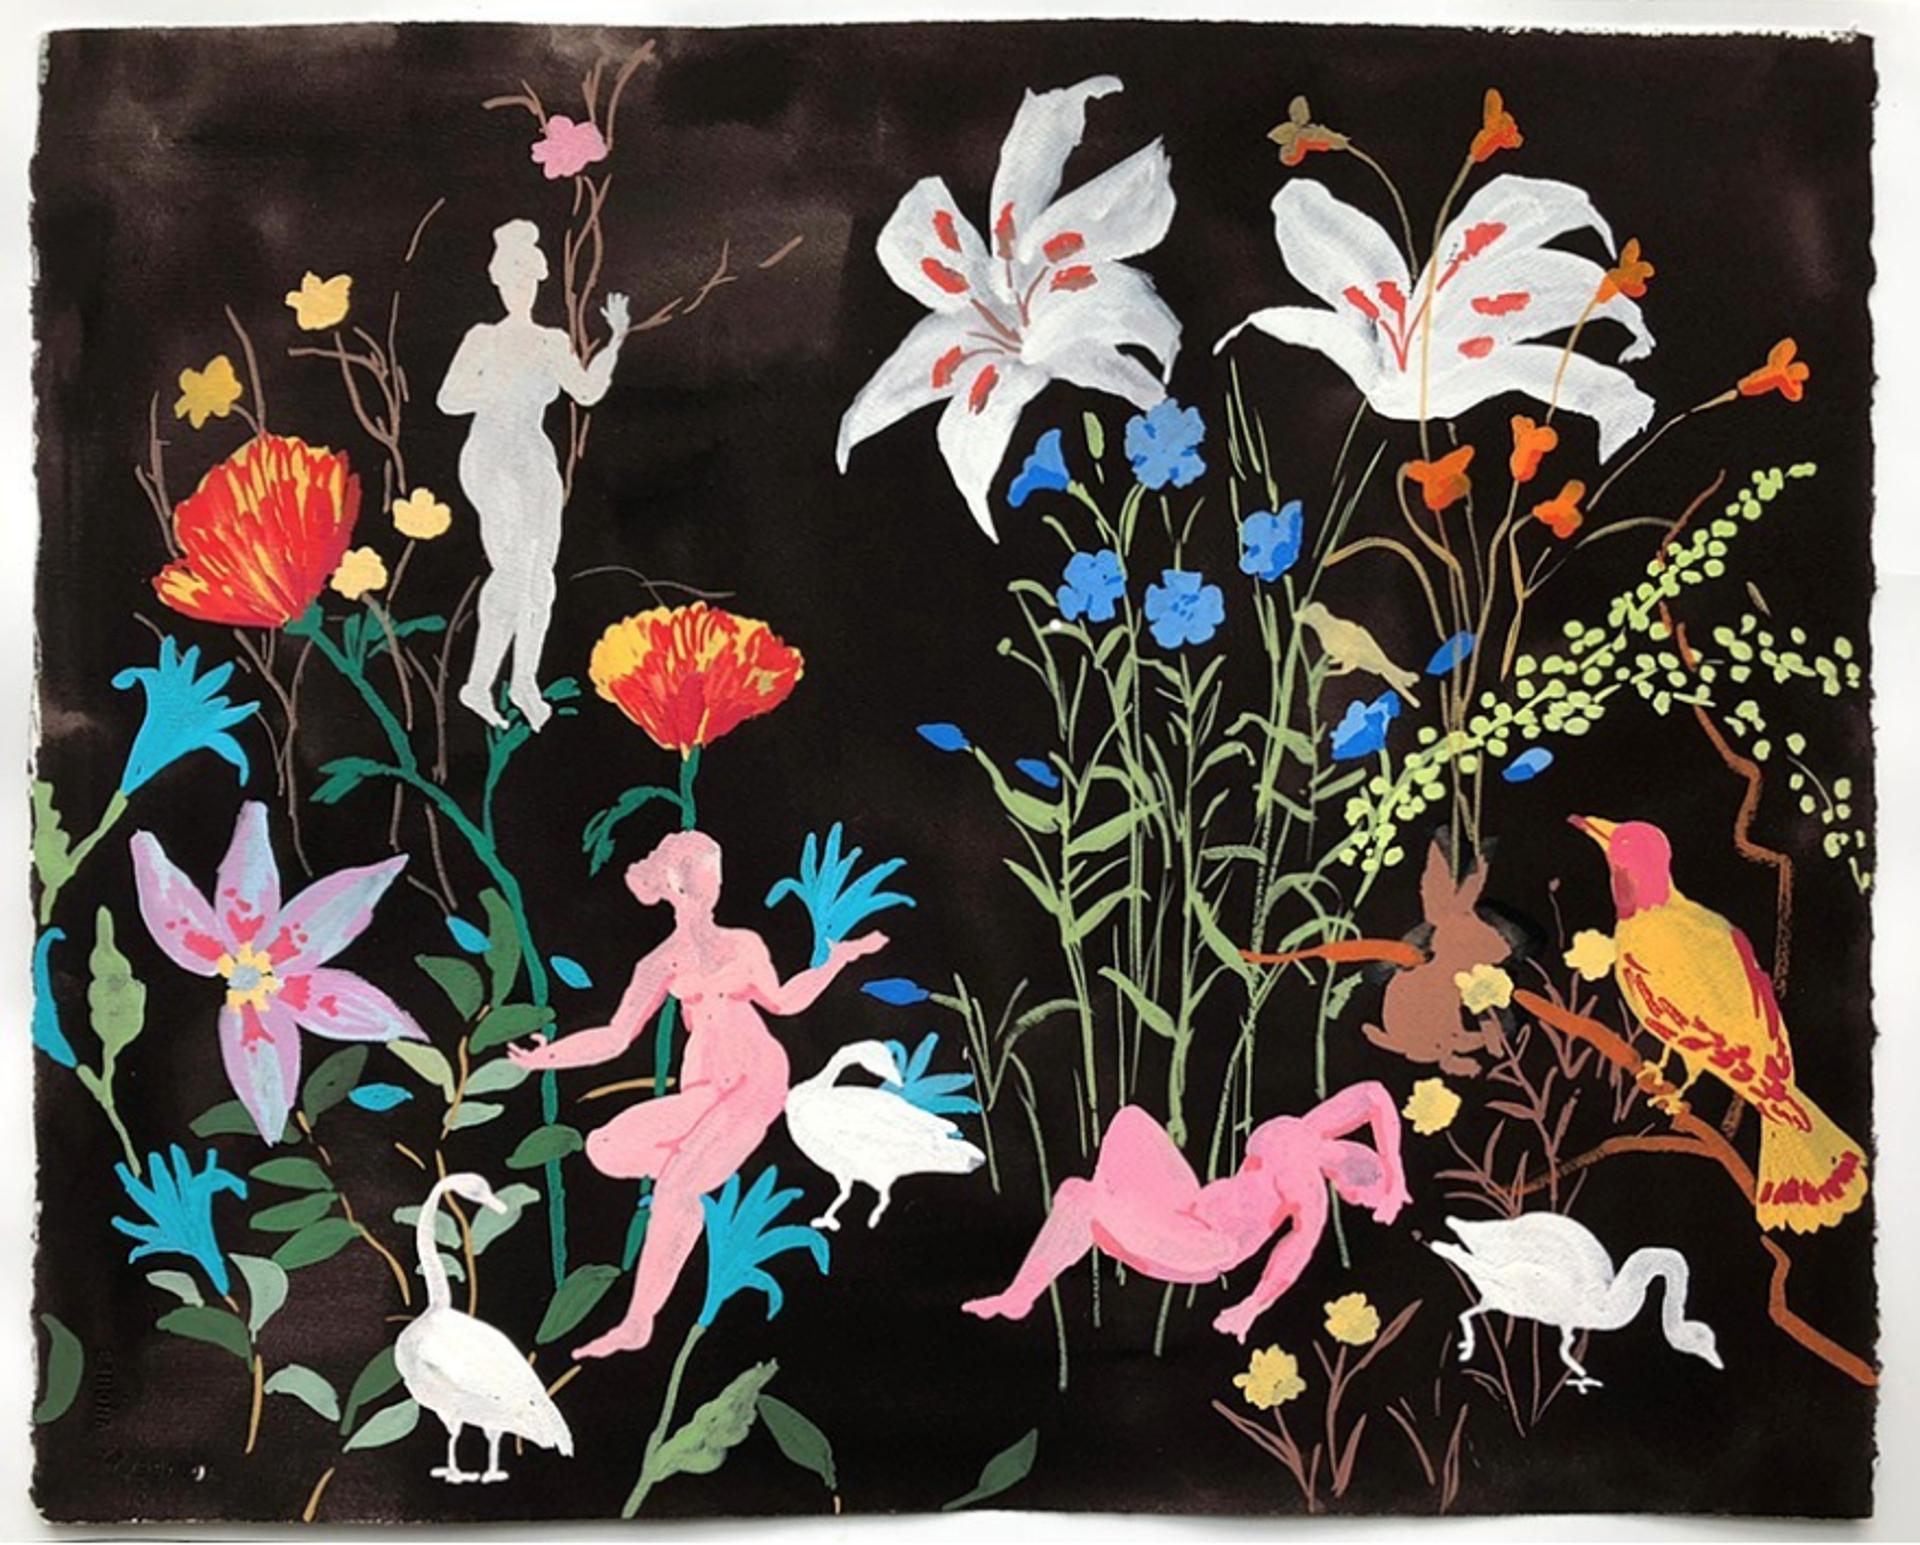 Night Lilies by Melanie Parke